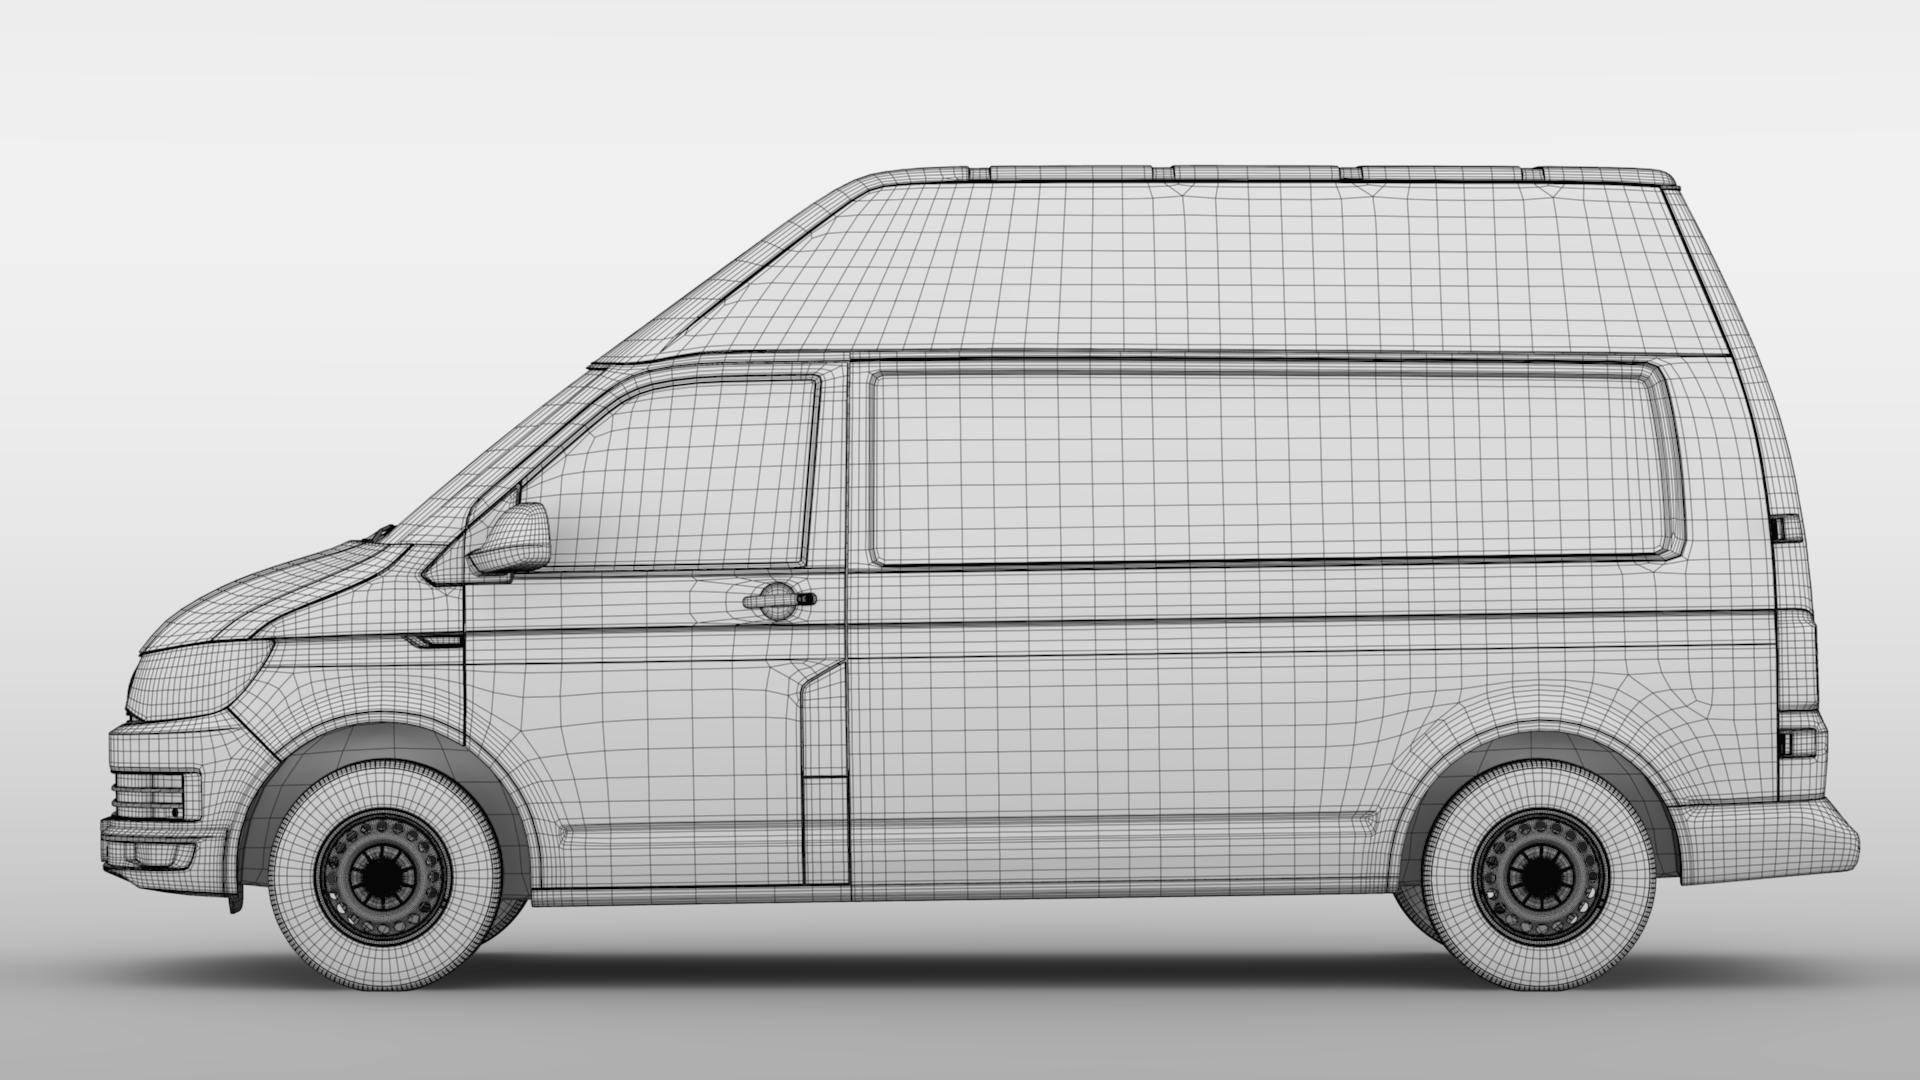 volkswagen transporter van l2h3 t6 2017 3d model max fbx c4d lwo ma mb hrc xsi obj 275308